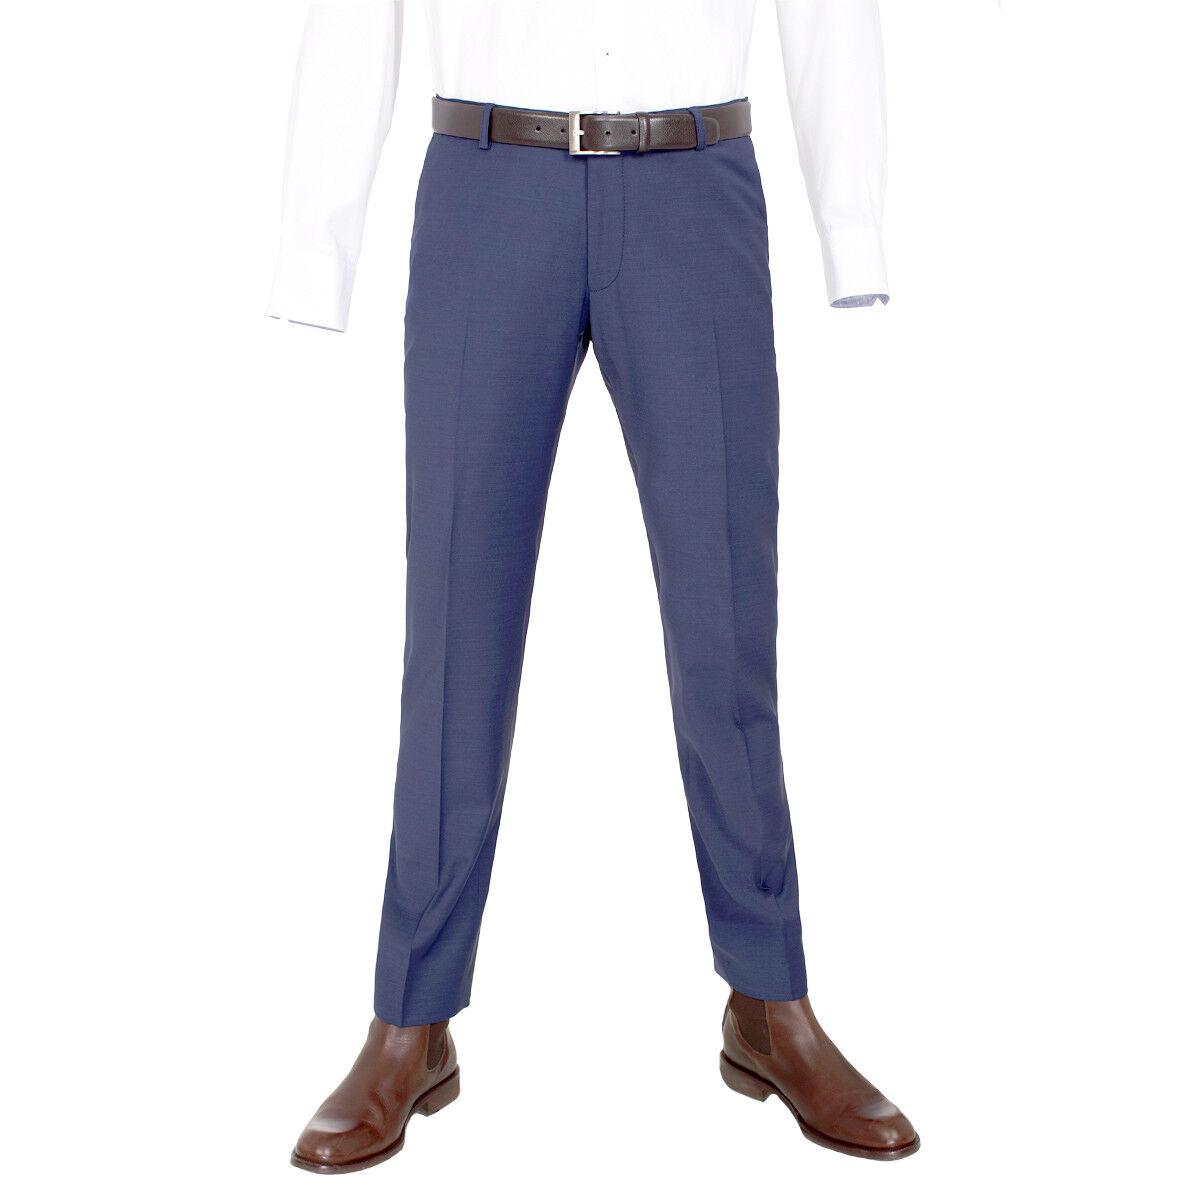 Benvenuto Purple-Slim Fit-Messieurs Modulaire 61284) Pantalon Tozzi (20657, modèle: 61284) Modulaire b7c88c